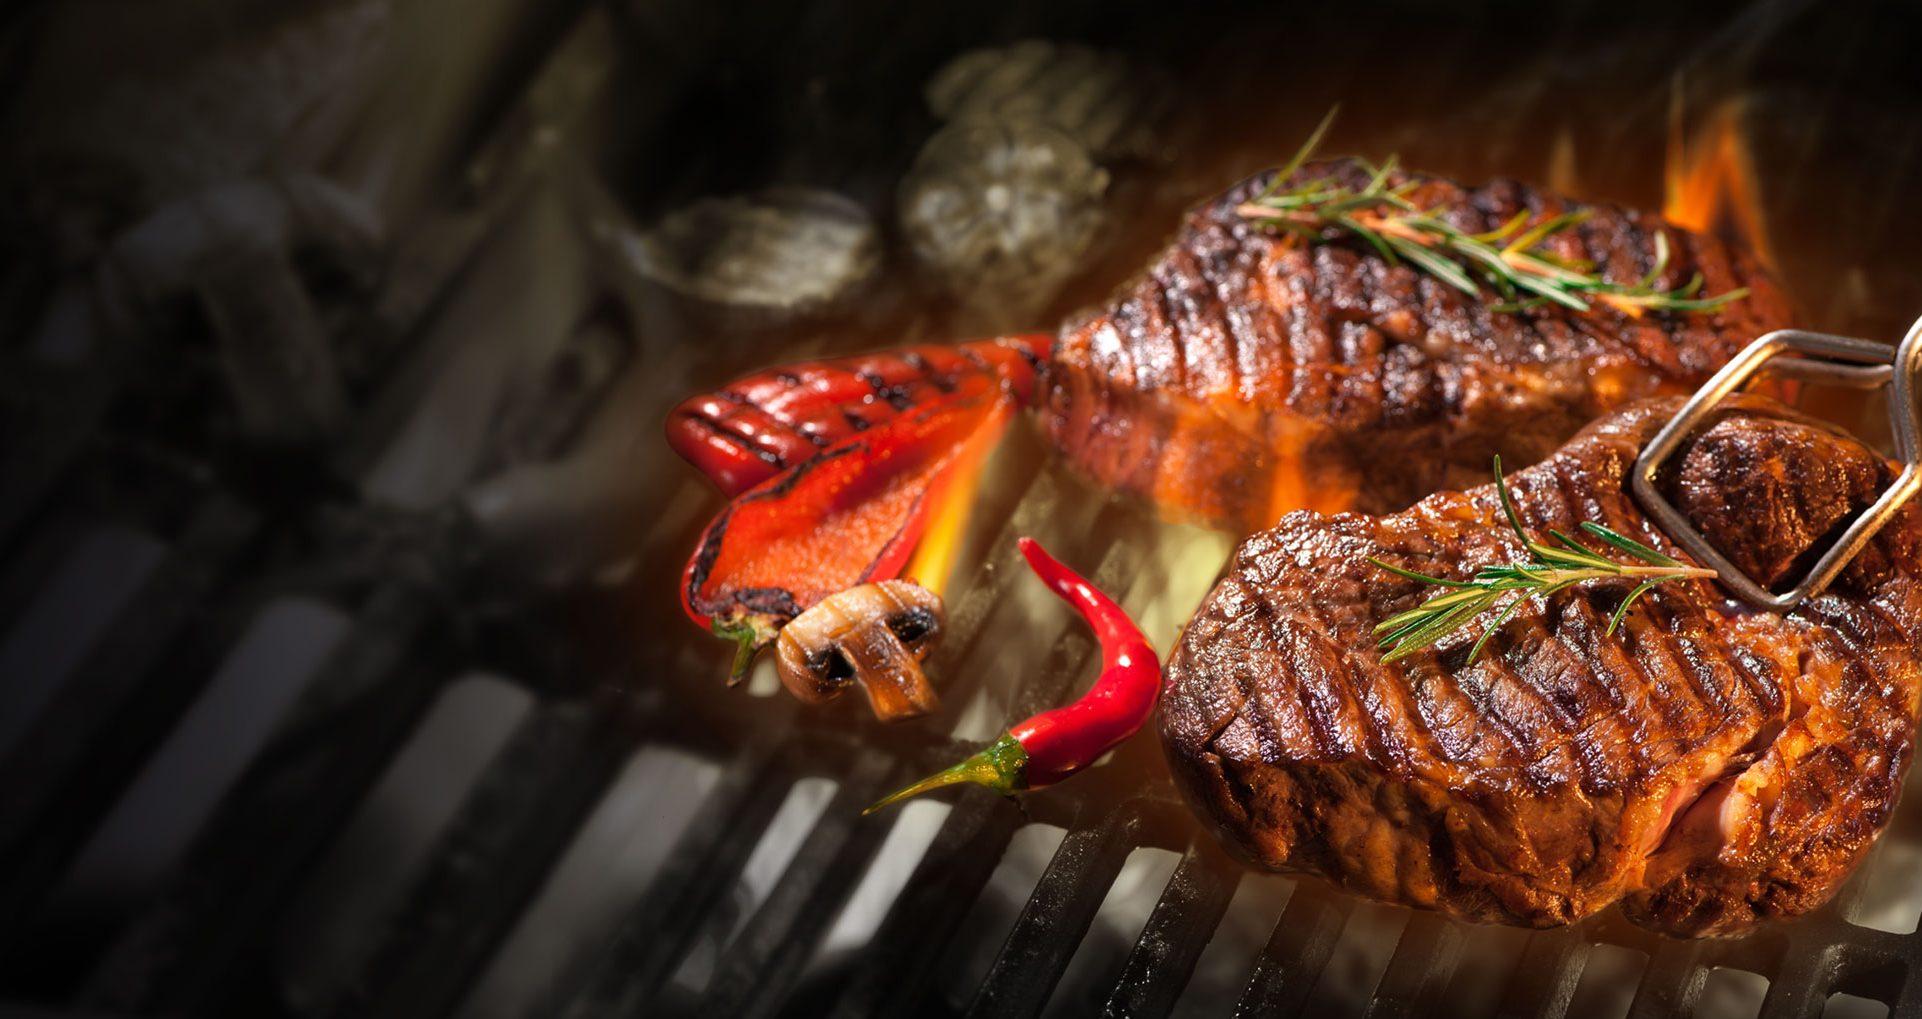 steak092019-e1569405524762